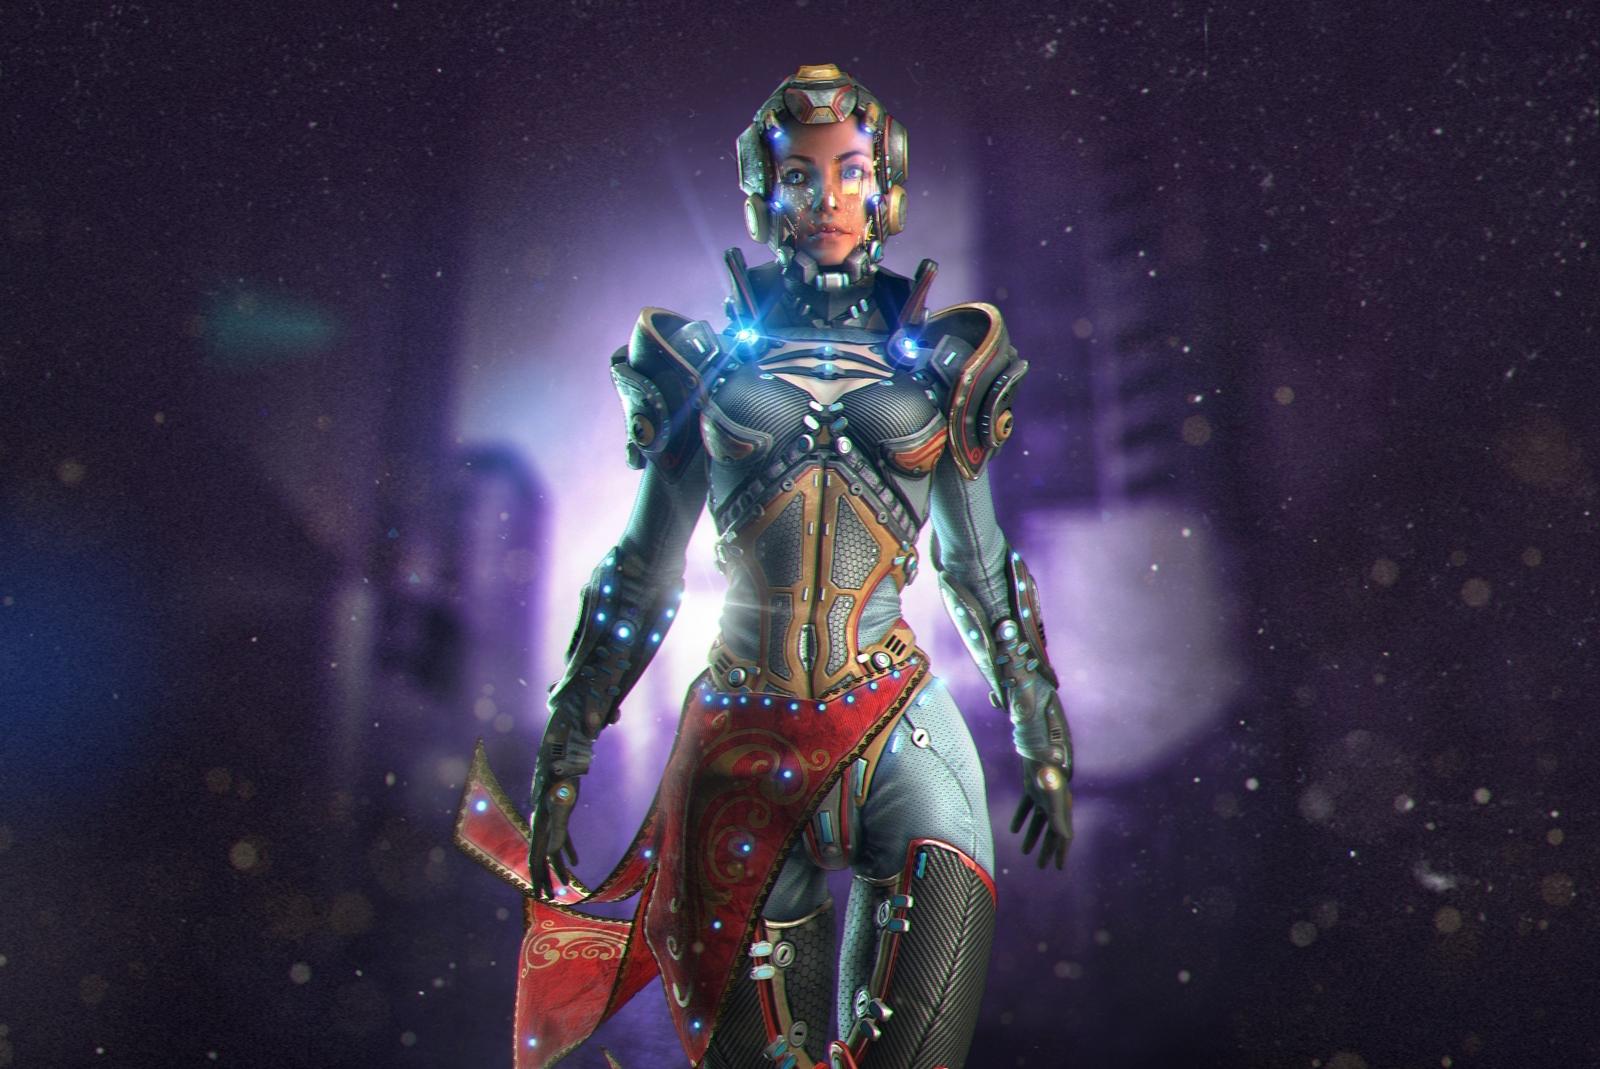 ������ �� ��������: ������ � �������� ������ Sci-Fi Girl